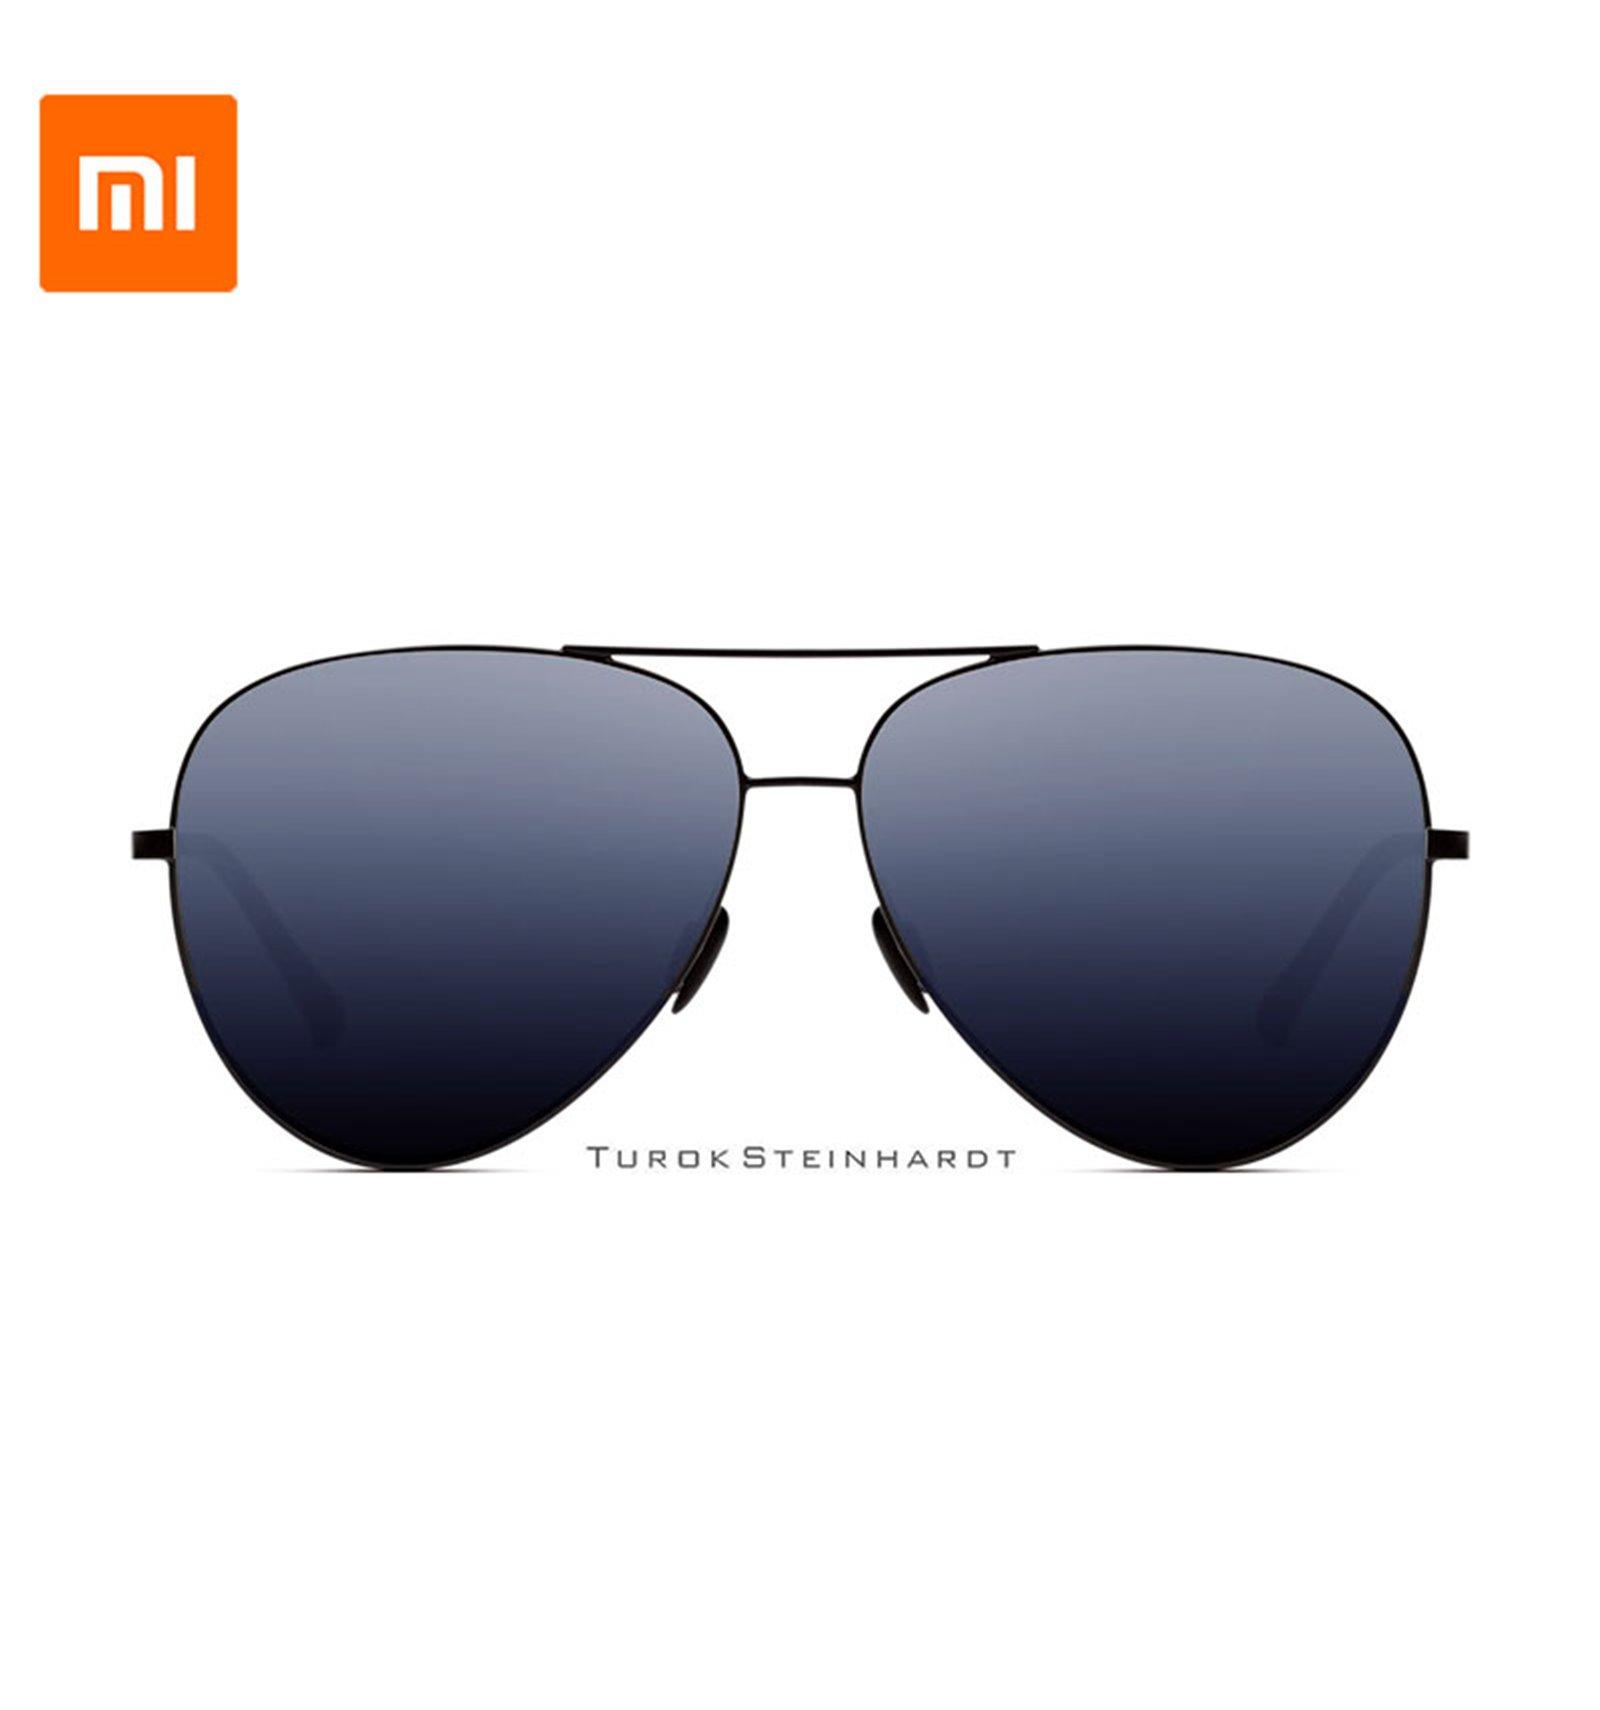 6fe01155a1c Xiaomi Turok Steinhardt UV400 očala · Xiaomi Turok Steinhardt UV400 očala  ...